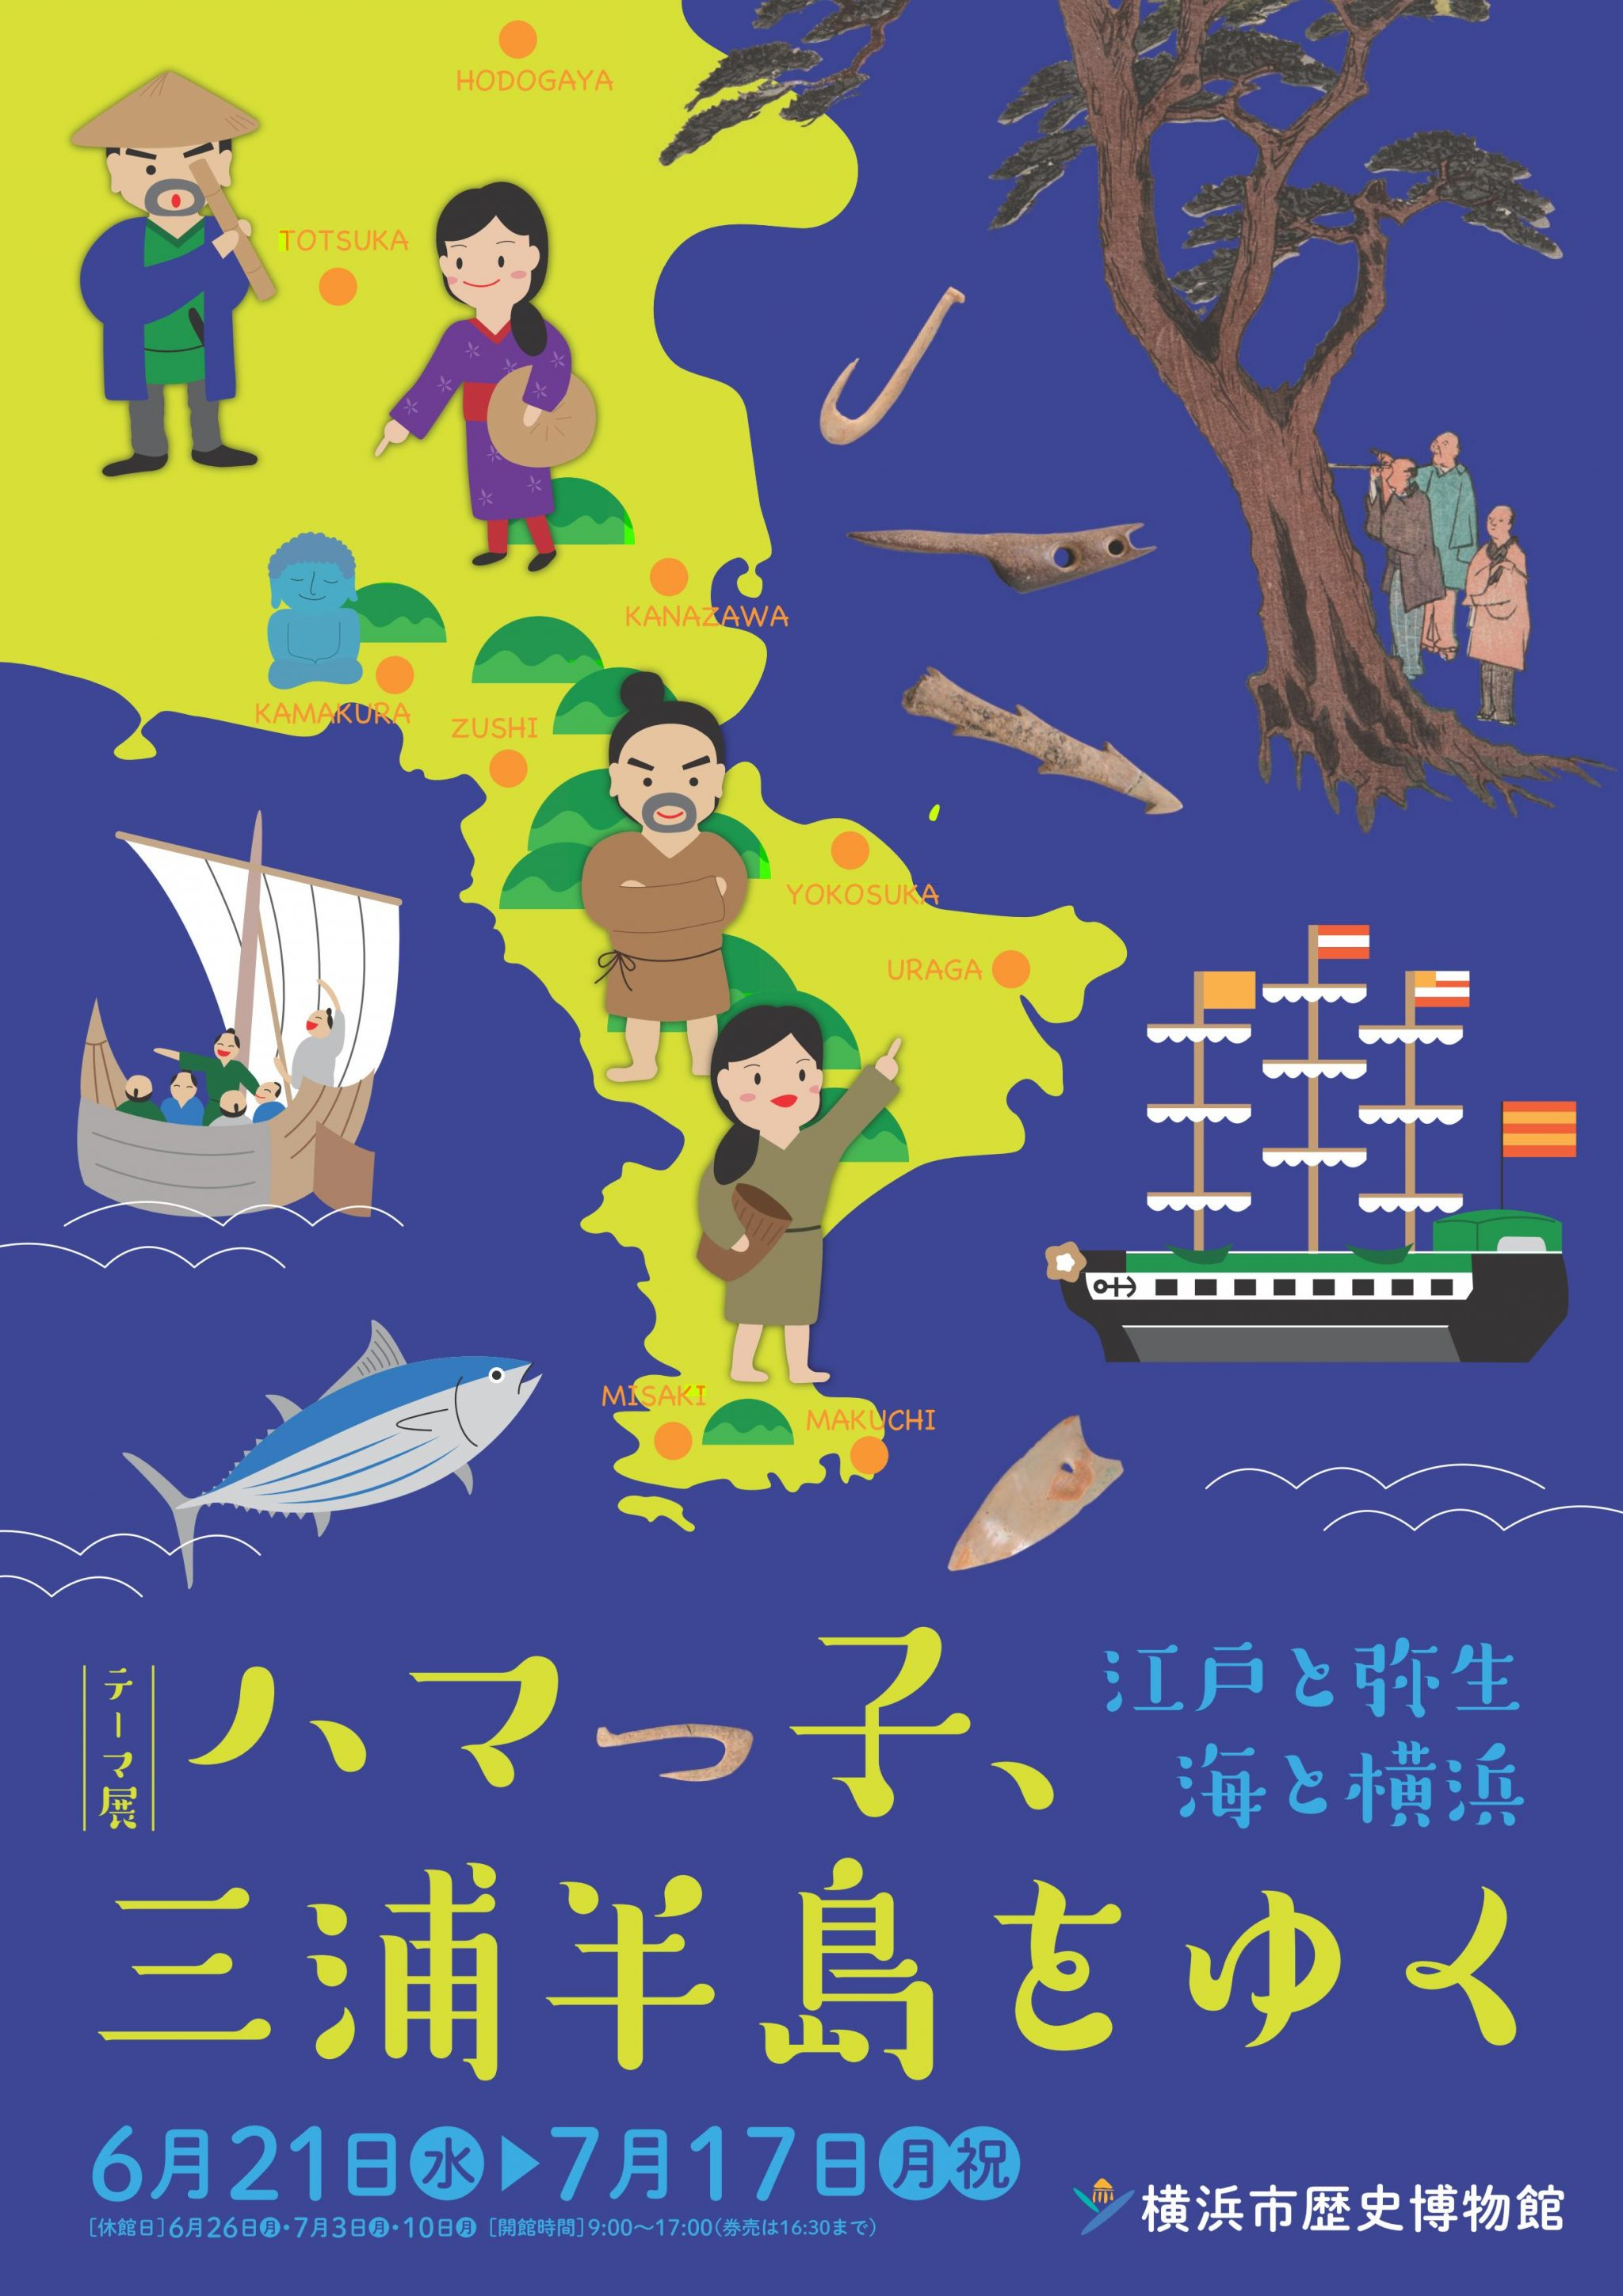 横浜市歴史博物館 テーマ展「ハマっ子、三浦半島をゆく」